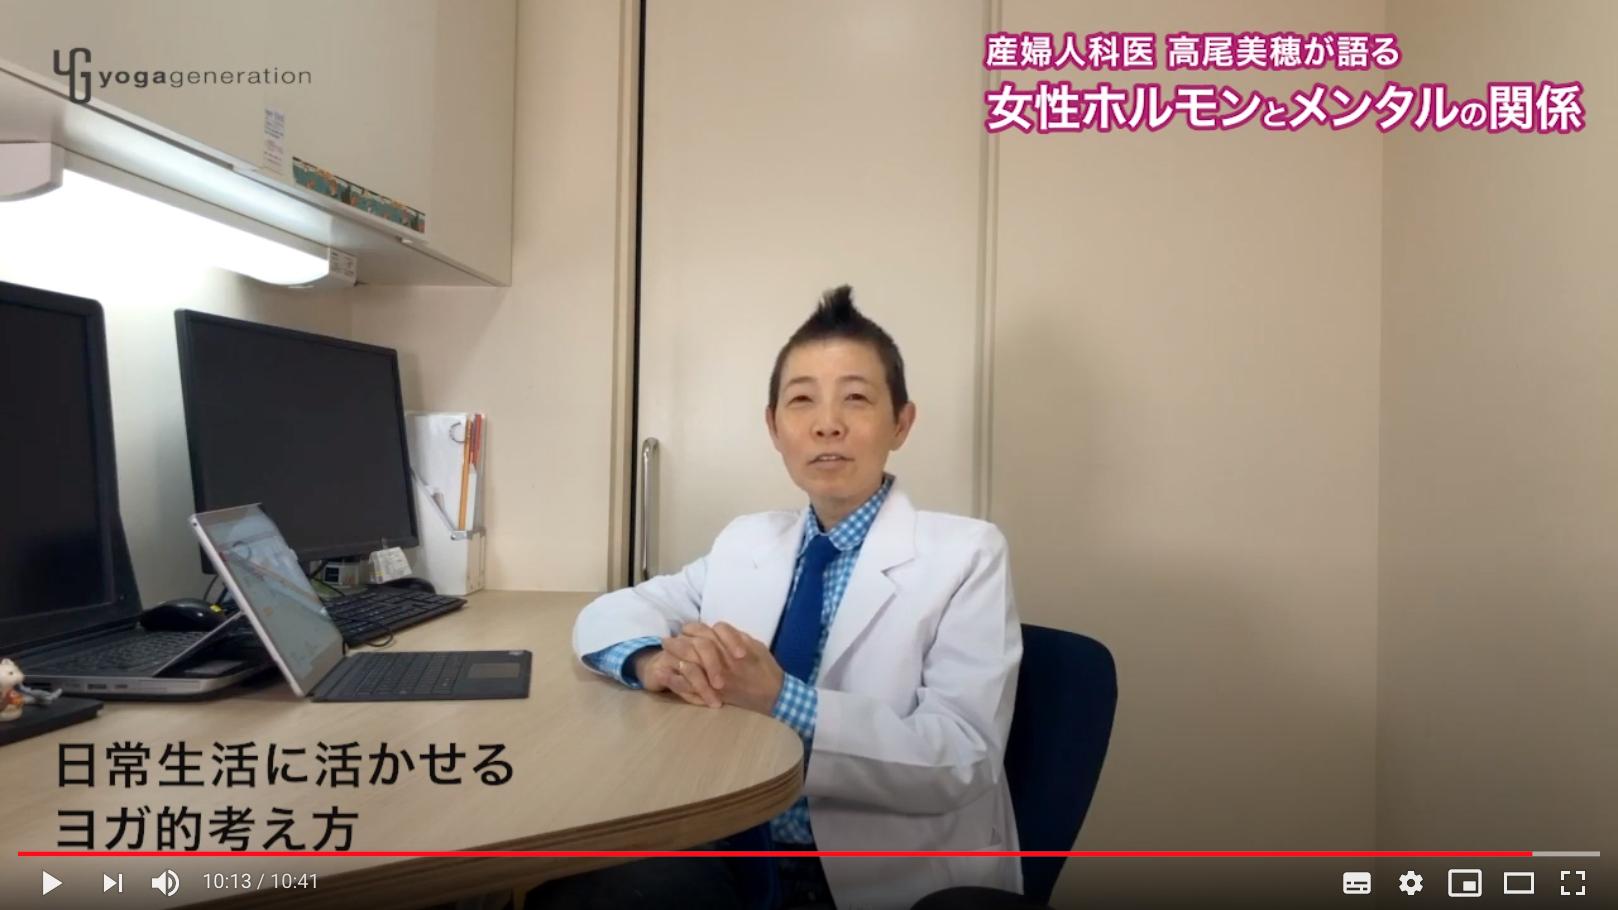 デスクに座ってお話しされている高尾美穂先生